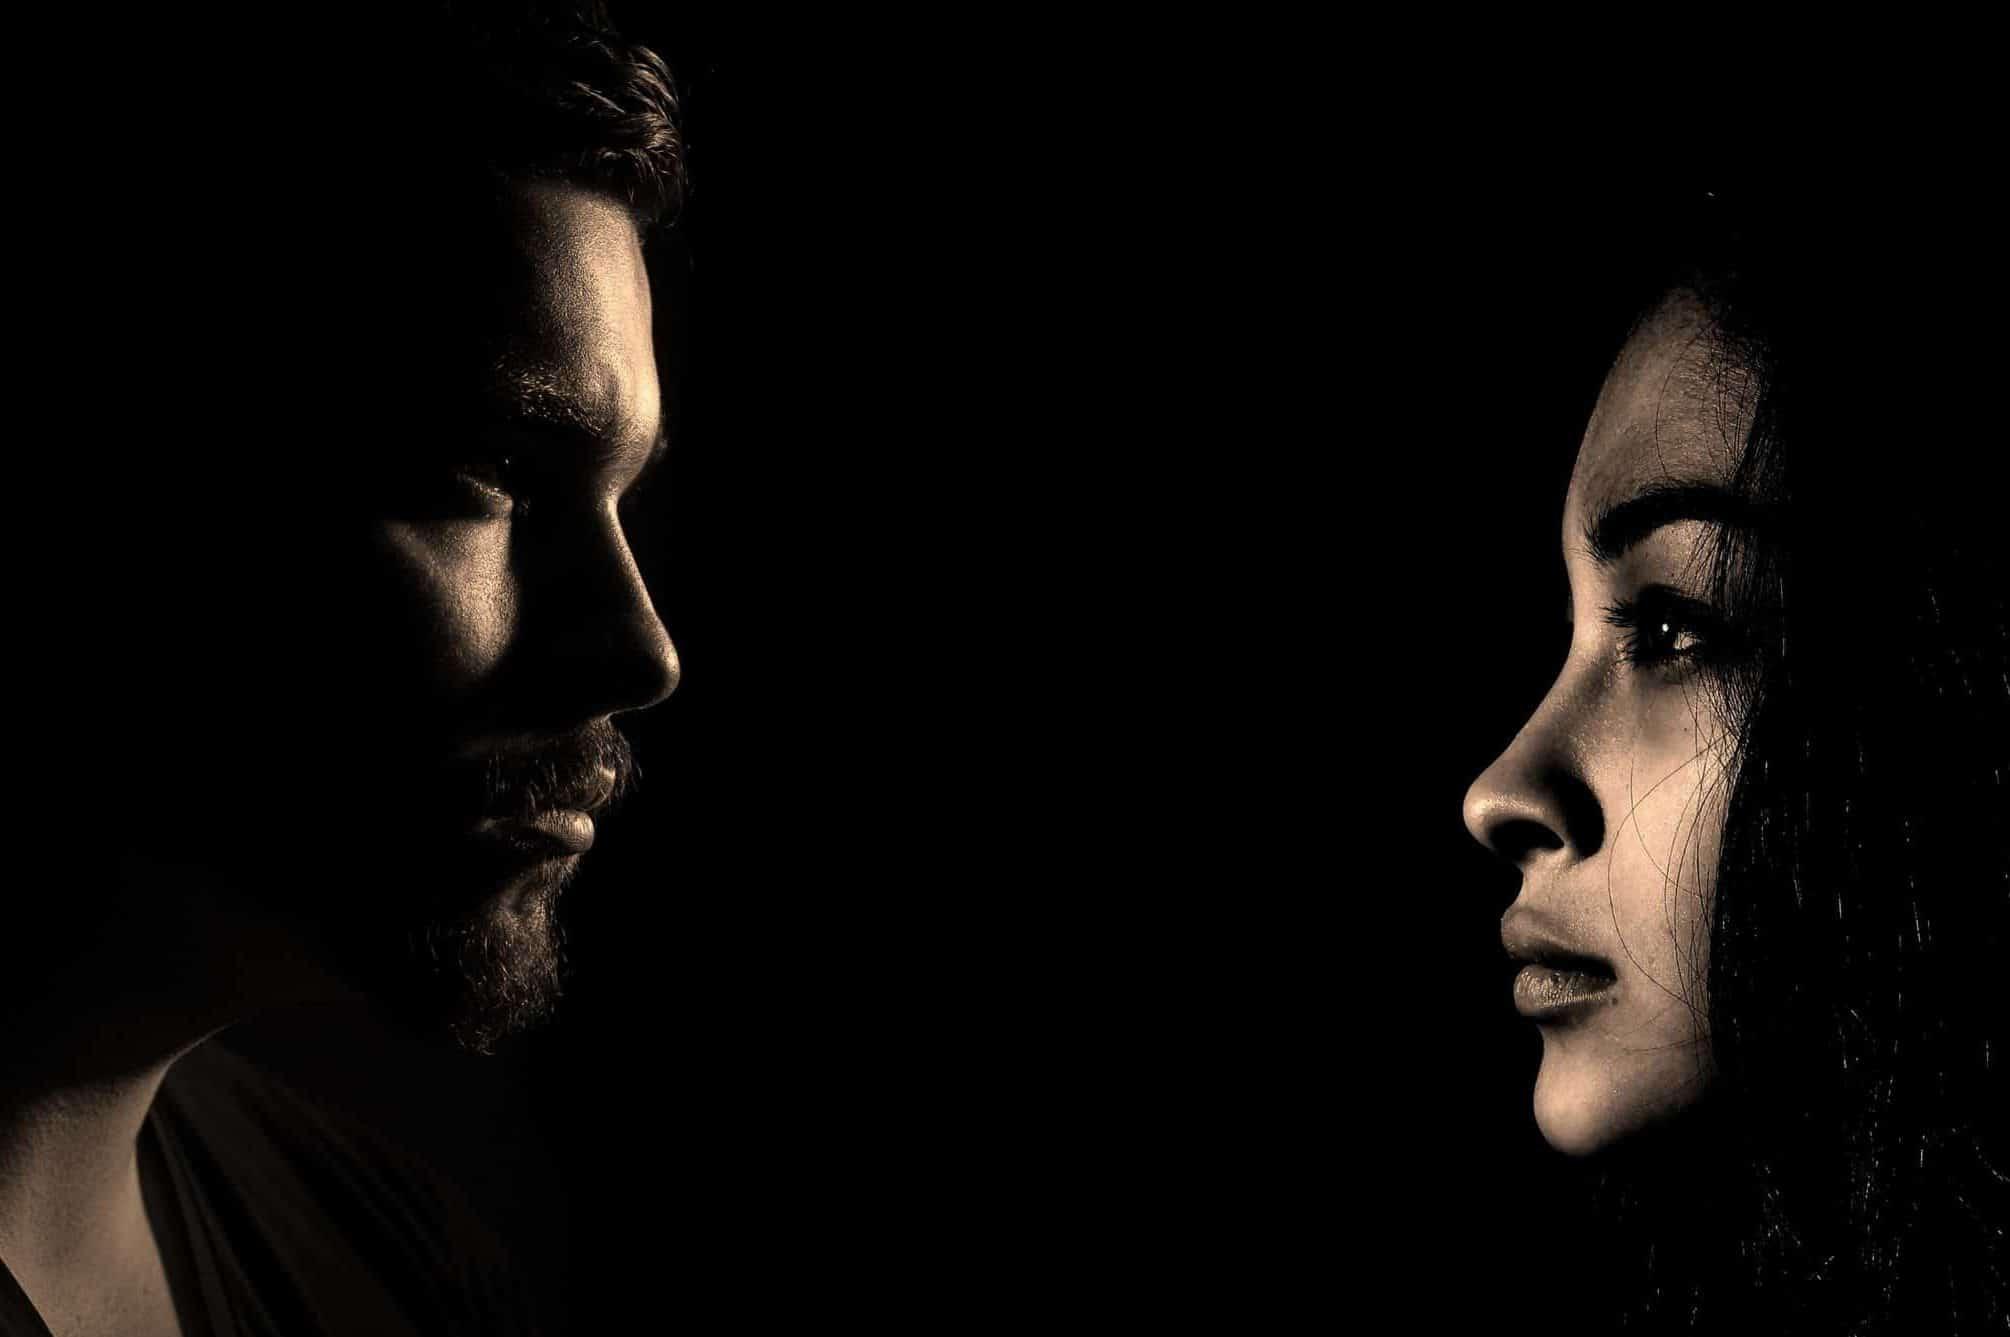 Erwartungen und Beziehung